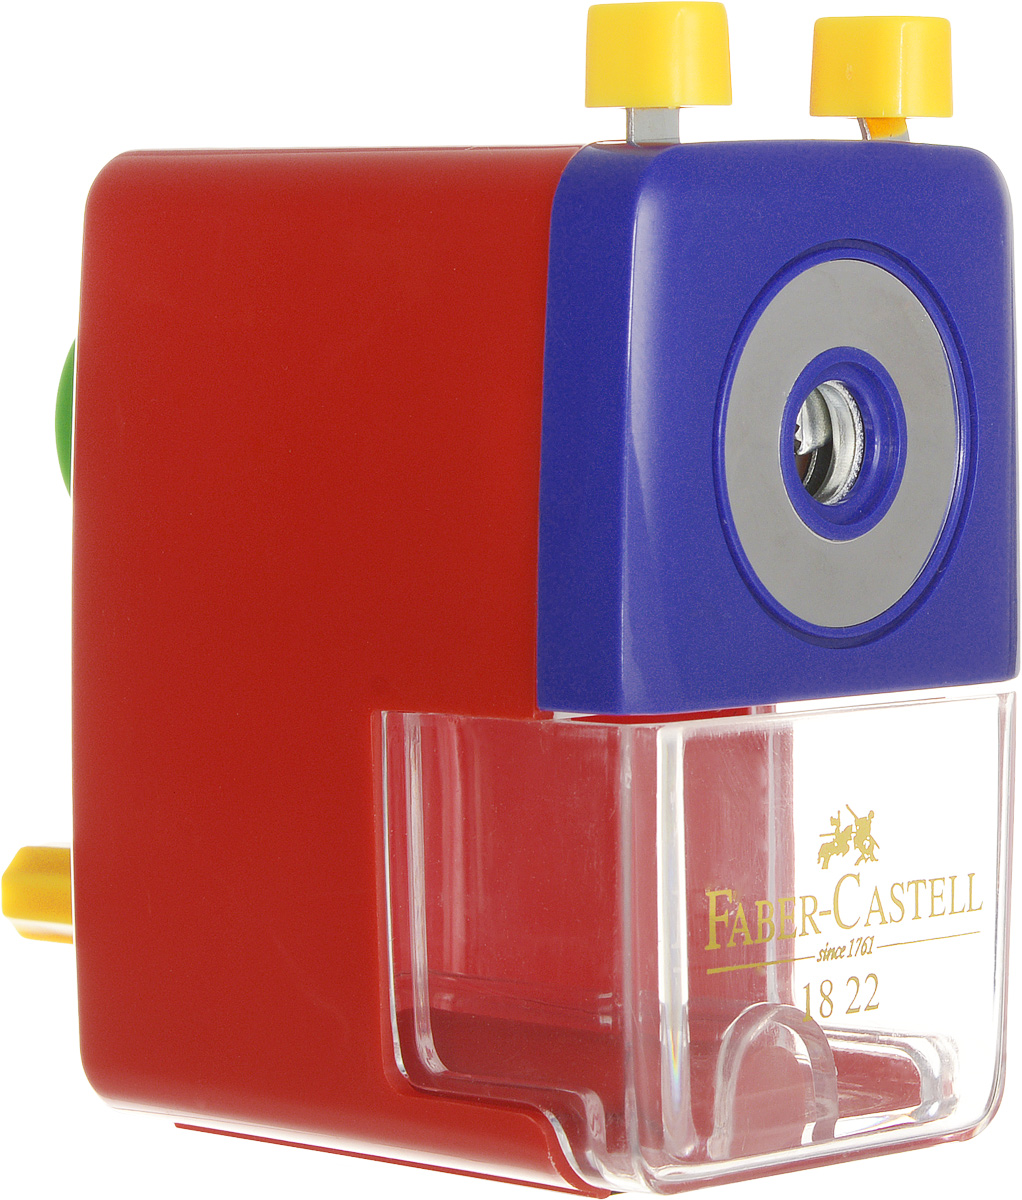 Faber-Castell Точилка настольная цвет красныйASH_красный синийНастольная точилка Faber-Castell предназначена для круглых, шестигранных, трехгранных и цветных карандашей.Изделиеимеет прочное спиральное лезвие, предназначенное для максимально острой заточки карандашей. Точилка оснащена прозрачным контейнером для стружек и специальным зажимом для крепления к столу. Подходит для карандашей диаметром до 8 мм.